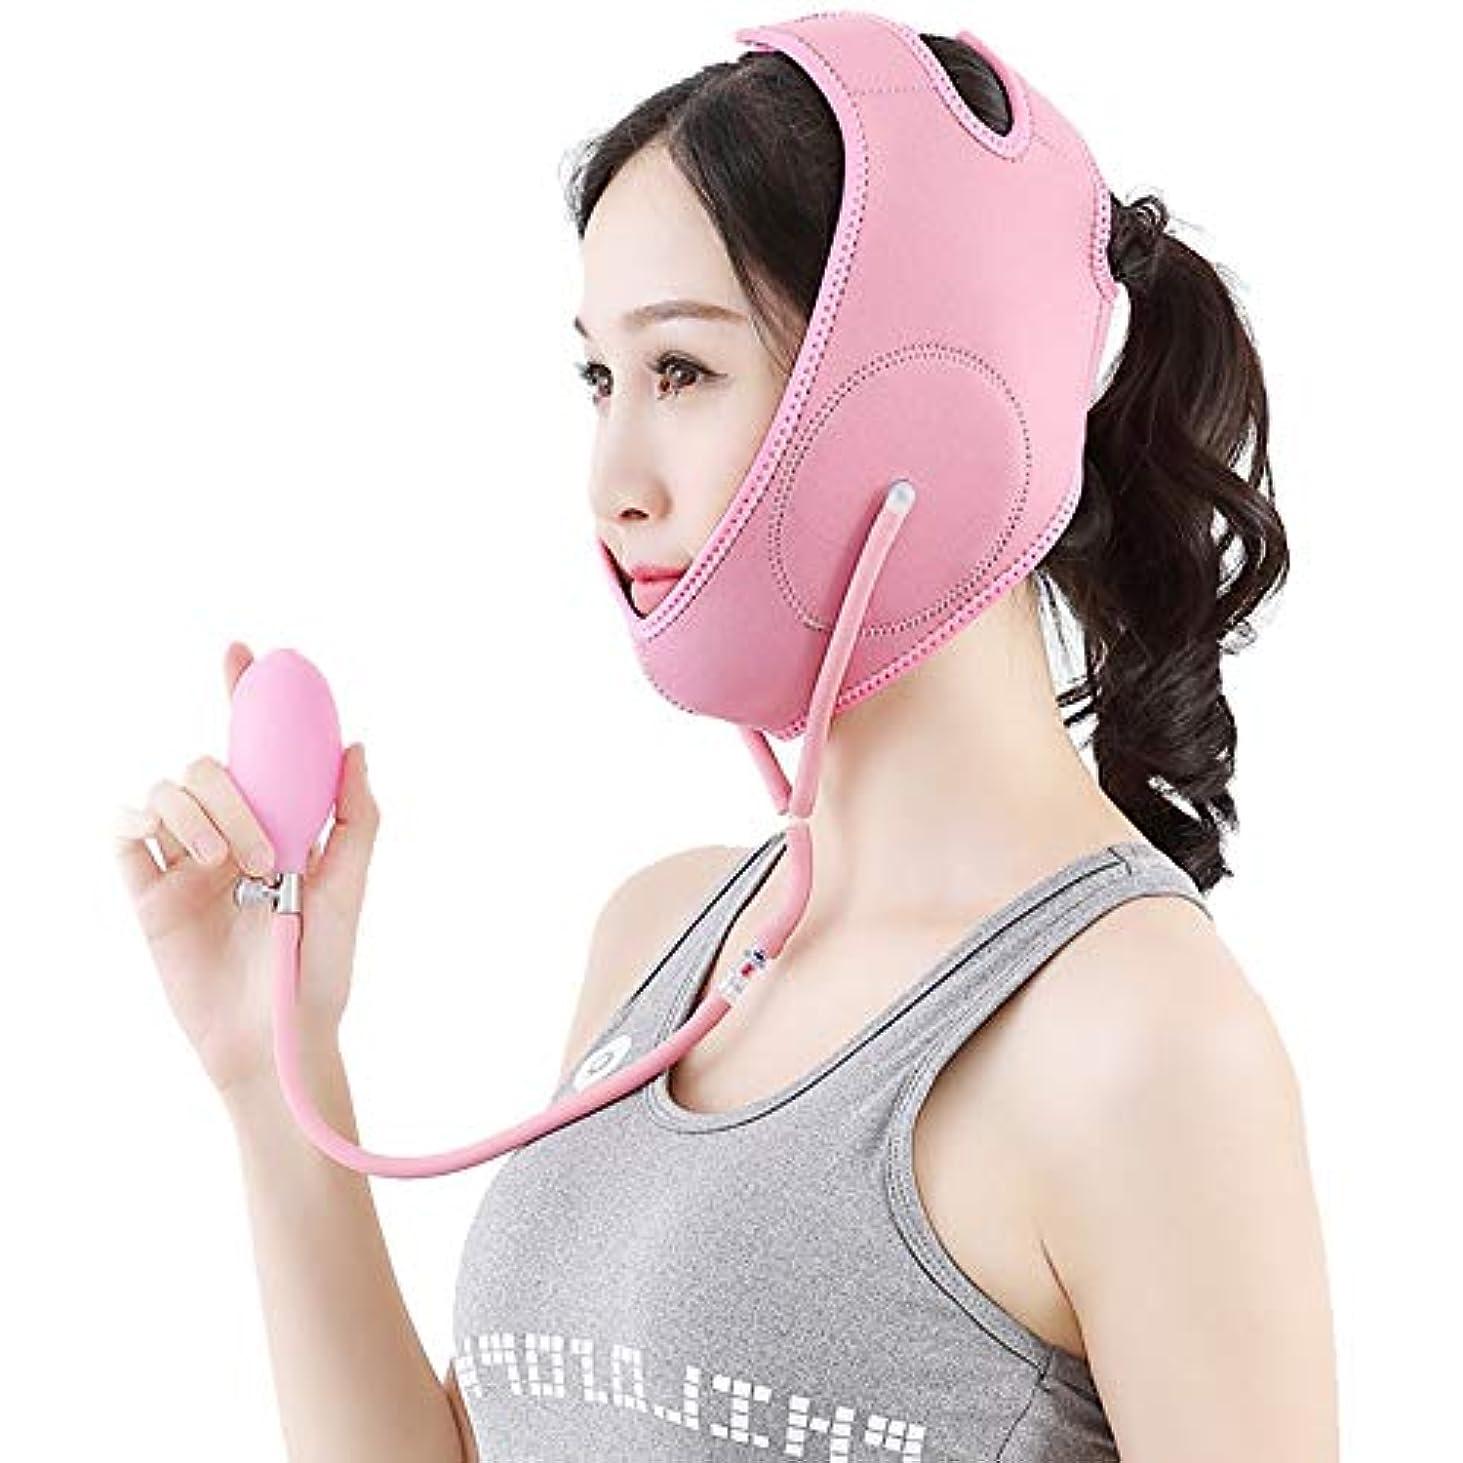 無し寝てる姪XINGZHE フェイシャルリフティング痩身ベルトダブルエアバッグ圧力調整フェイス包帯マスク整形マスクが顔を引き締める フェイスリフティングベルト (色 : ピンク, サイズ さいず : M)